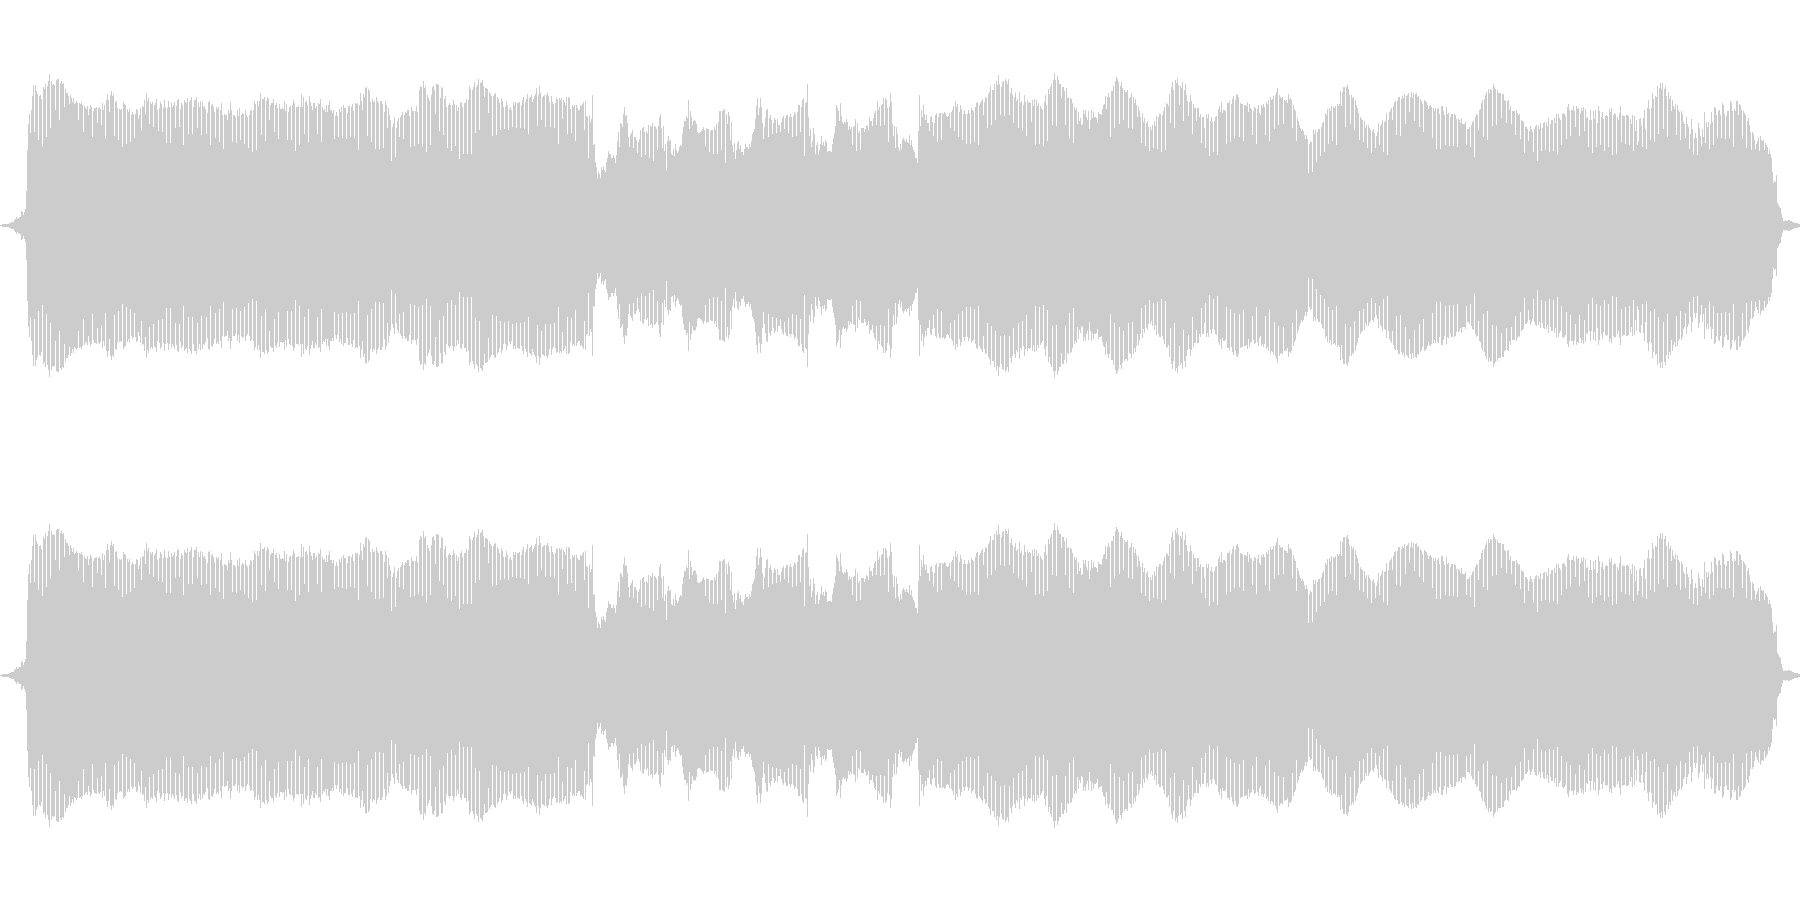 こぶし01(D)の未再生の波形